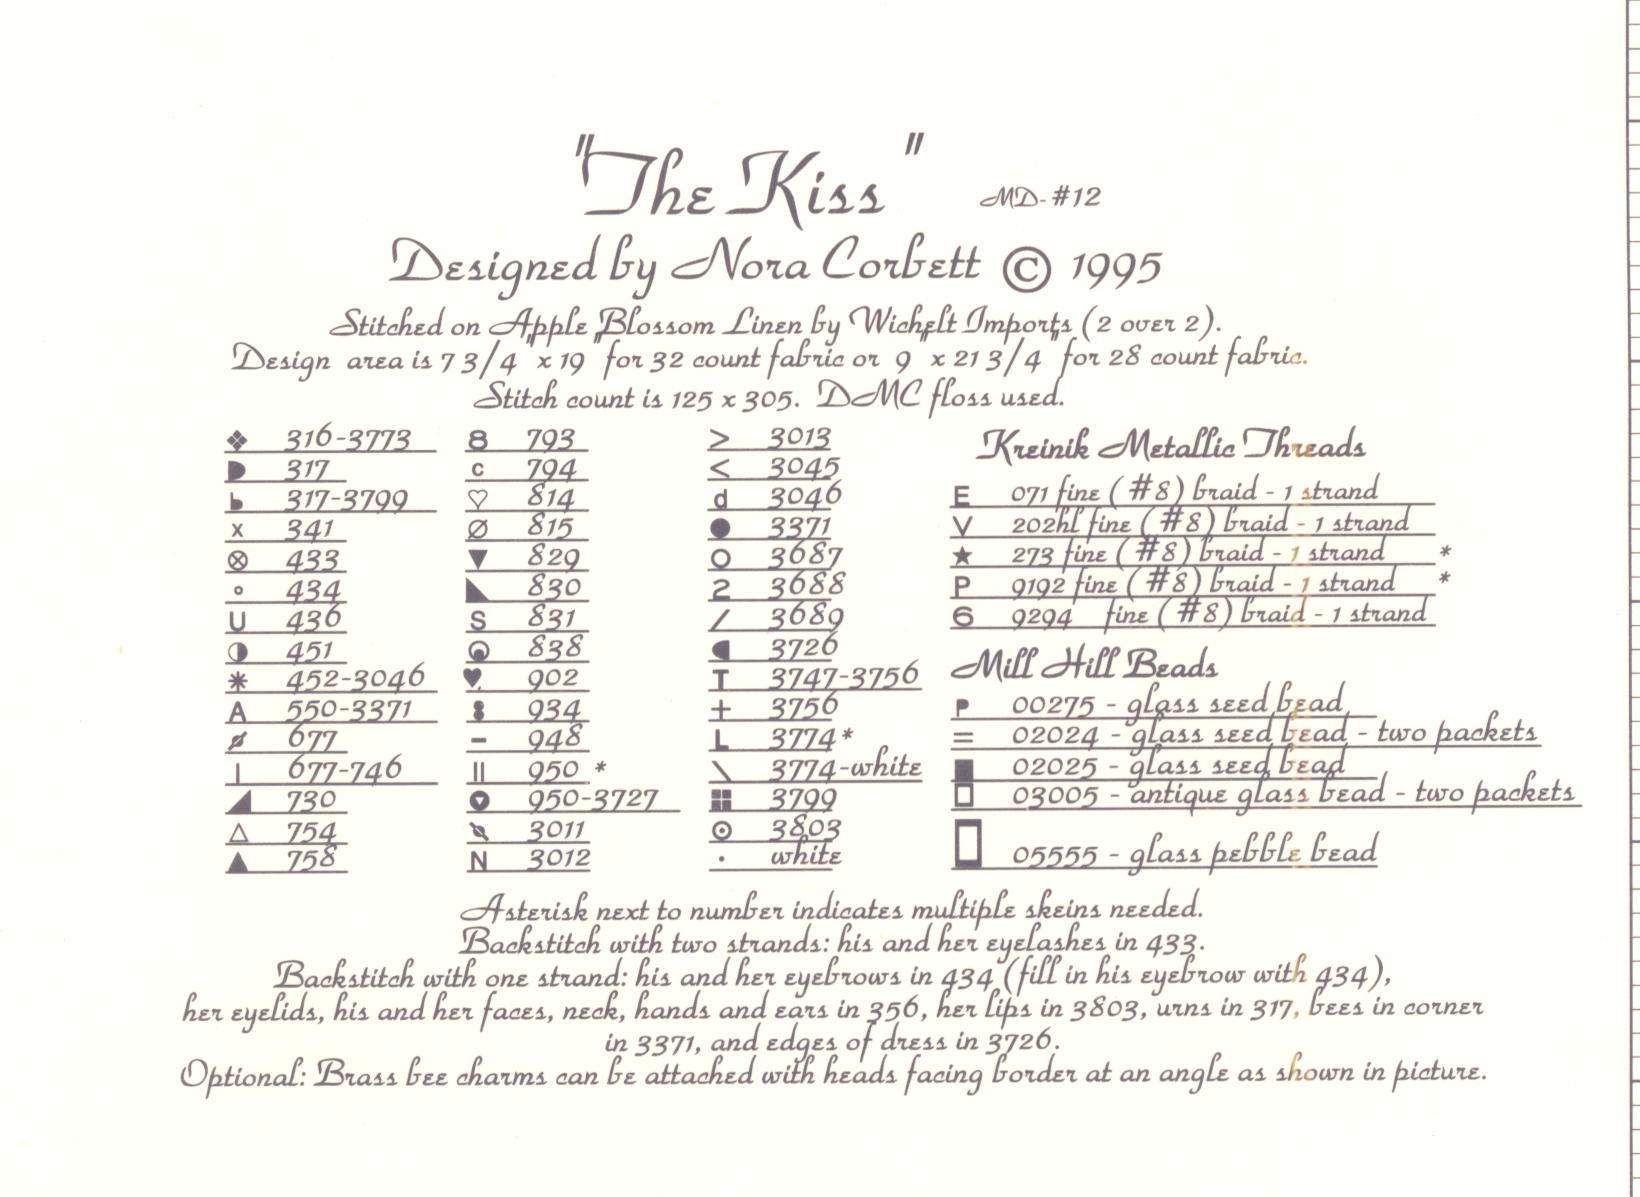 kiss md12 6/6